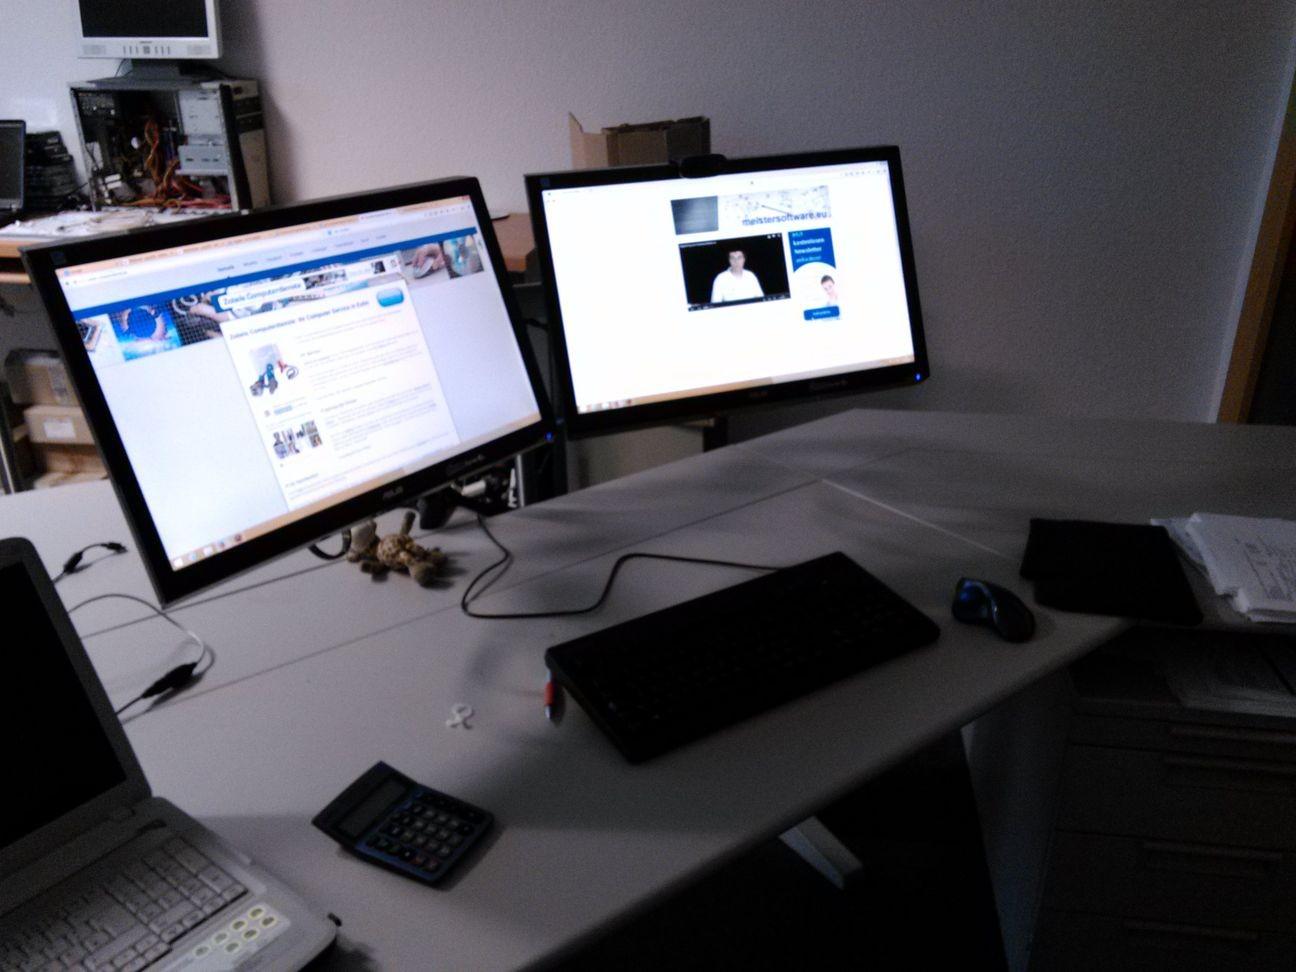 moderner PC-Arbeitplatz mit zwei Monitoren